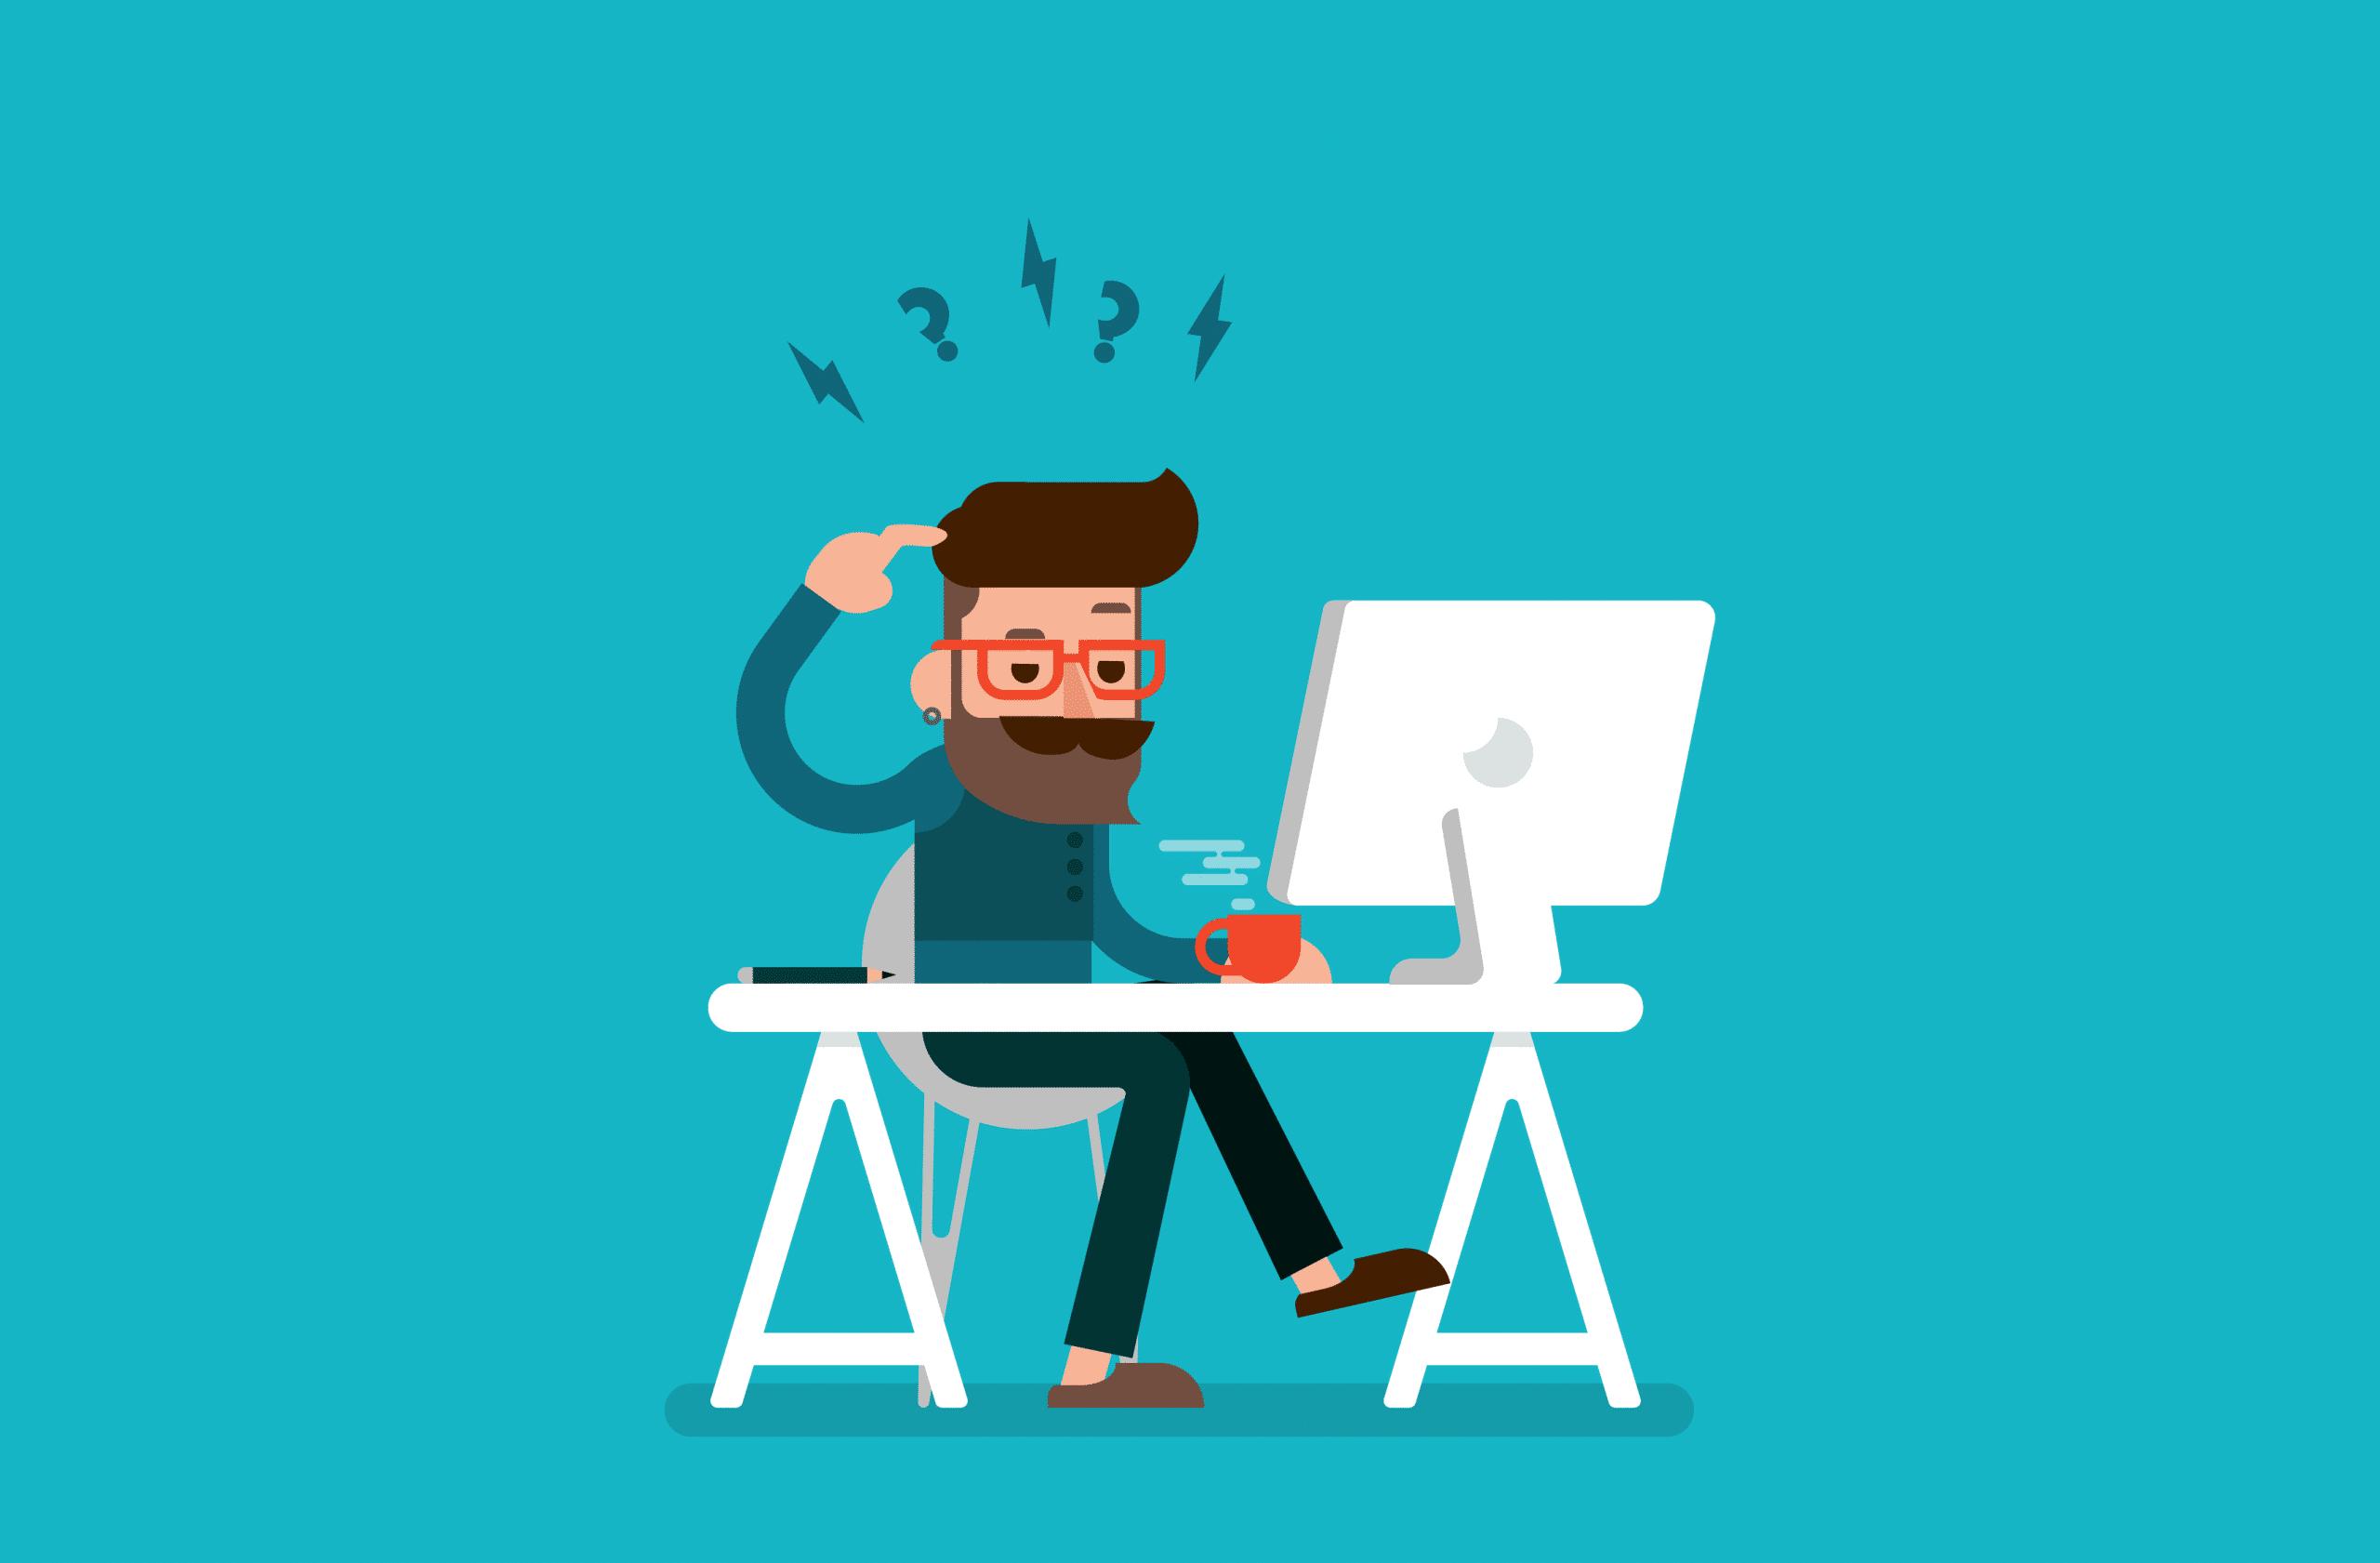 escrever-conteudos-tecnicos-redator